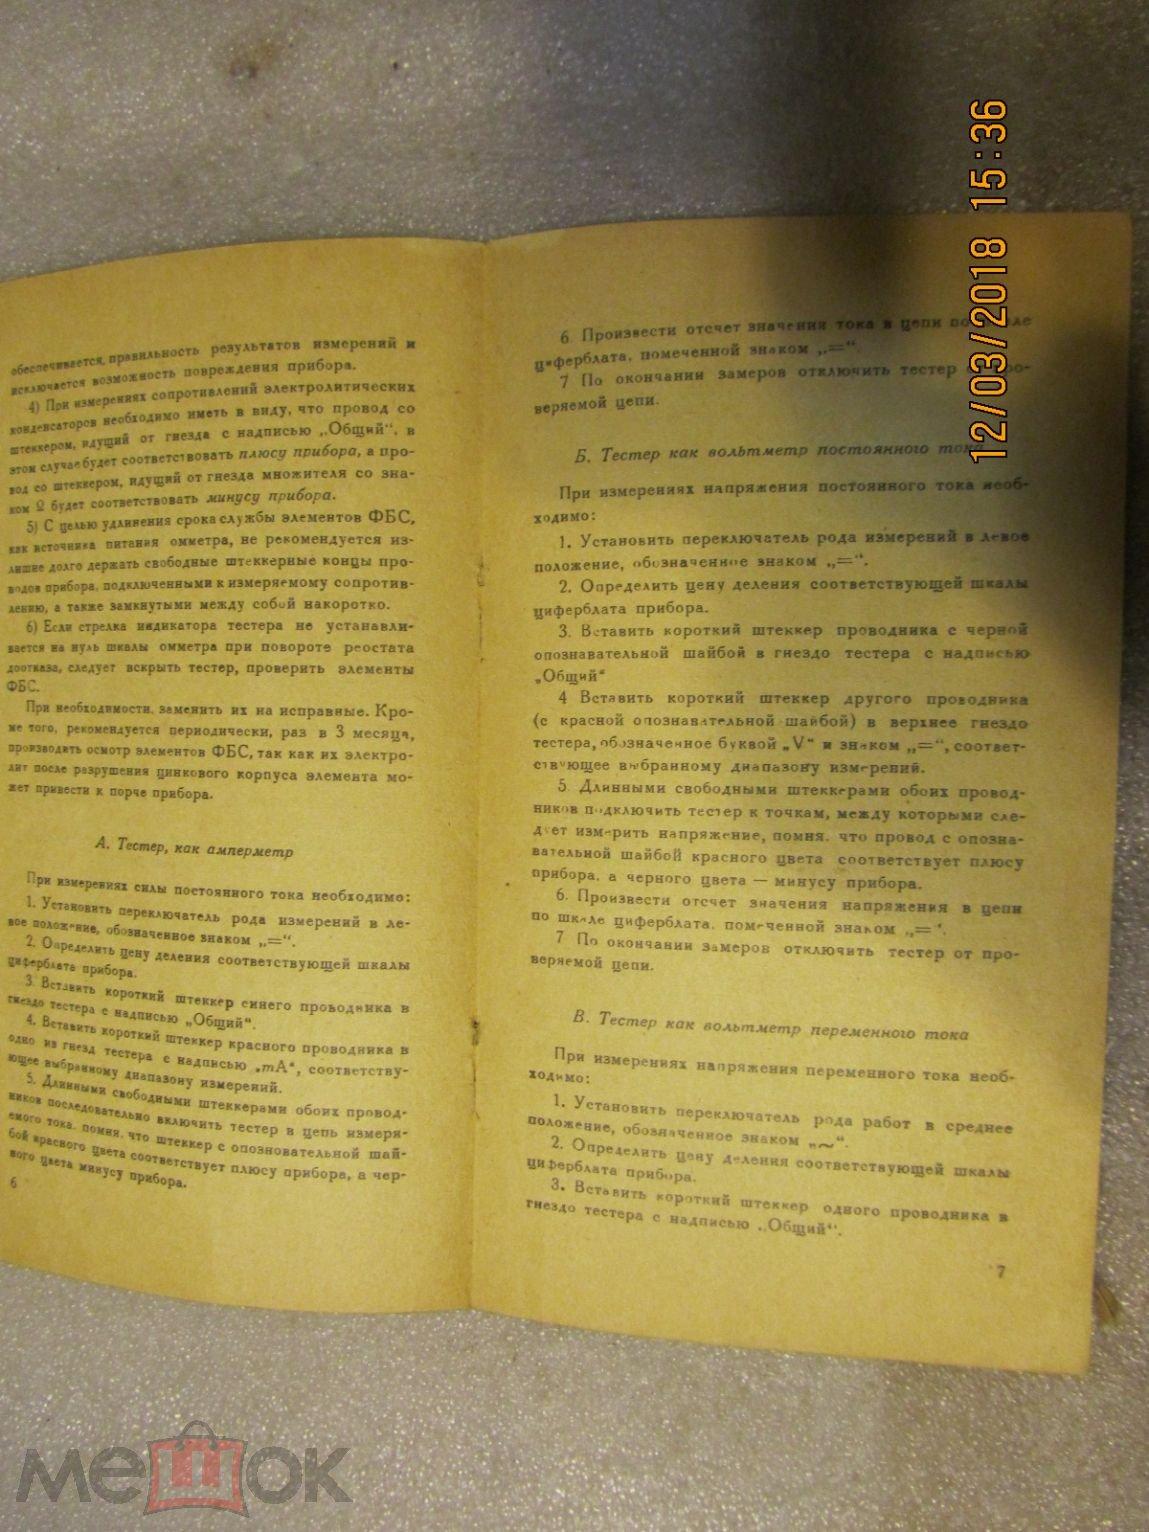 Краткое описание инструкция по эксплуатации тестер тт-1 1959 ссср.